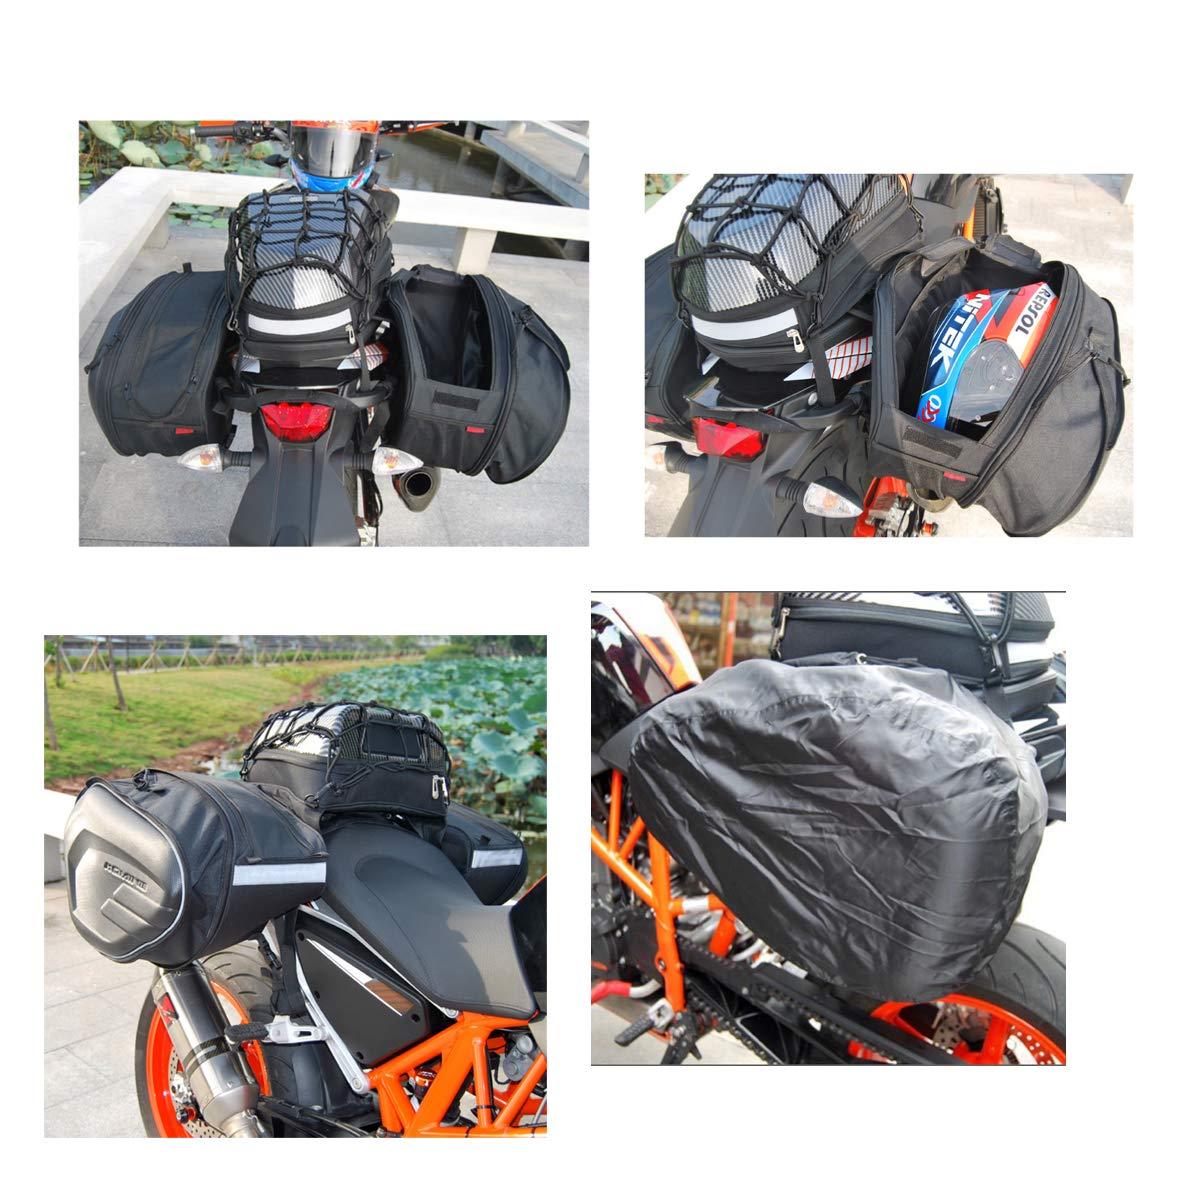 /Impermeabile Oxford Moto Bagagli Borse con Strong Magnetica JFG RACING Moto Serbatoio Magnetico/ /Universale per Honda Yamaha Suzuki Kawasaki Harley BMW Ducati pi/ù Grande Finestra/